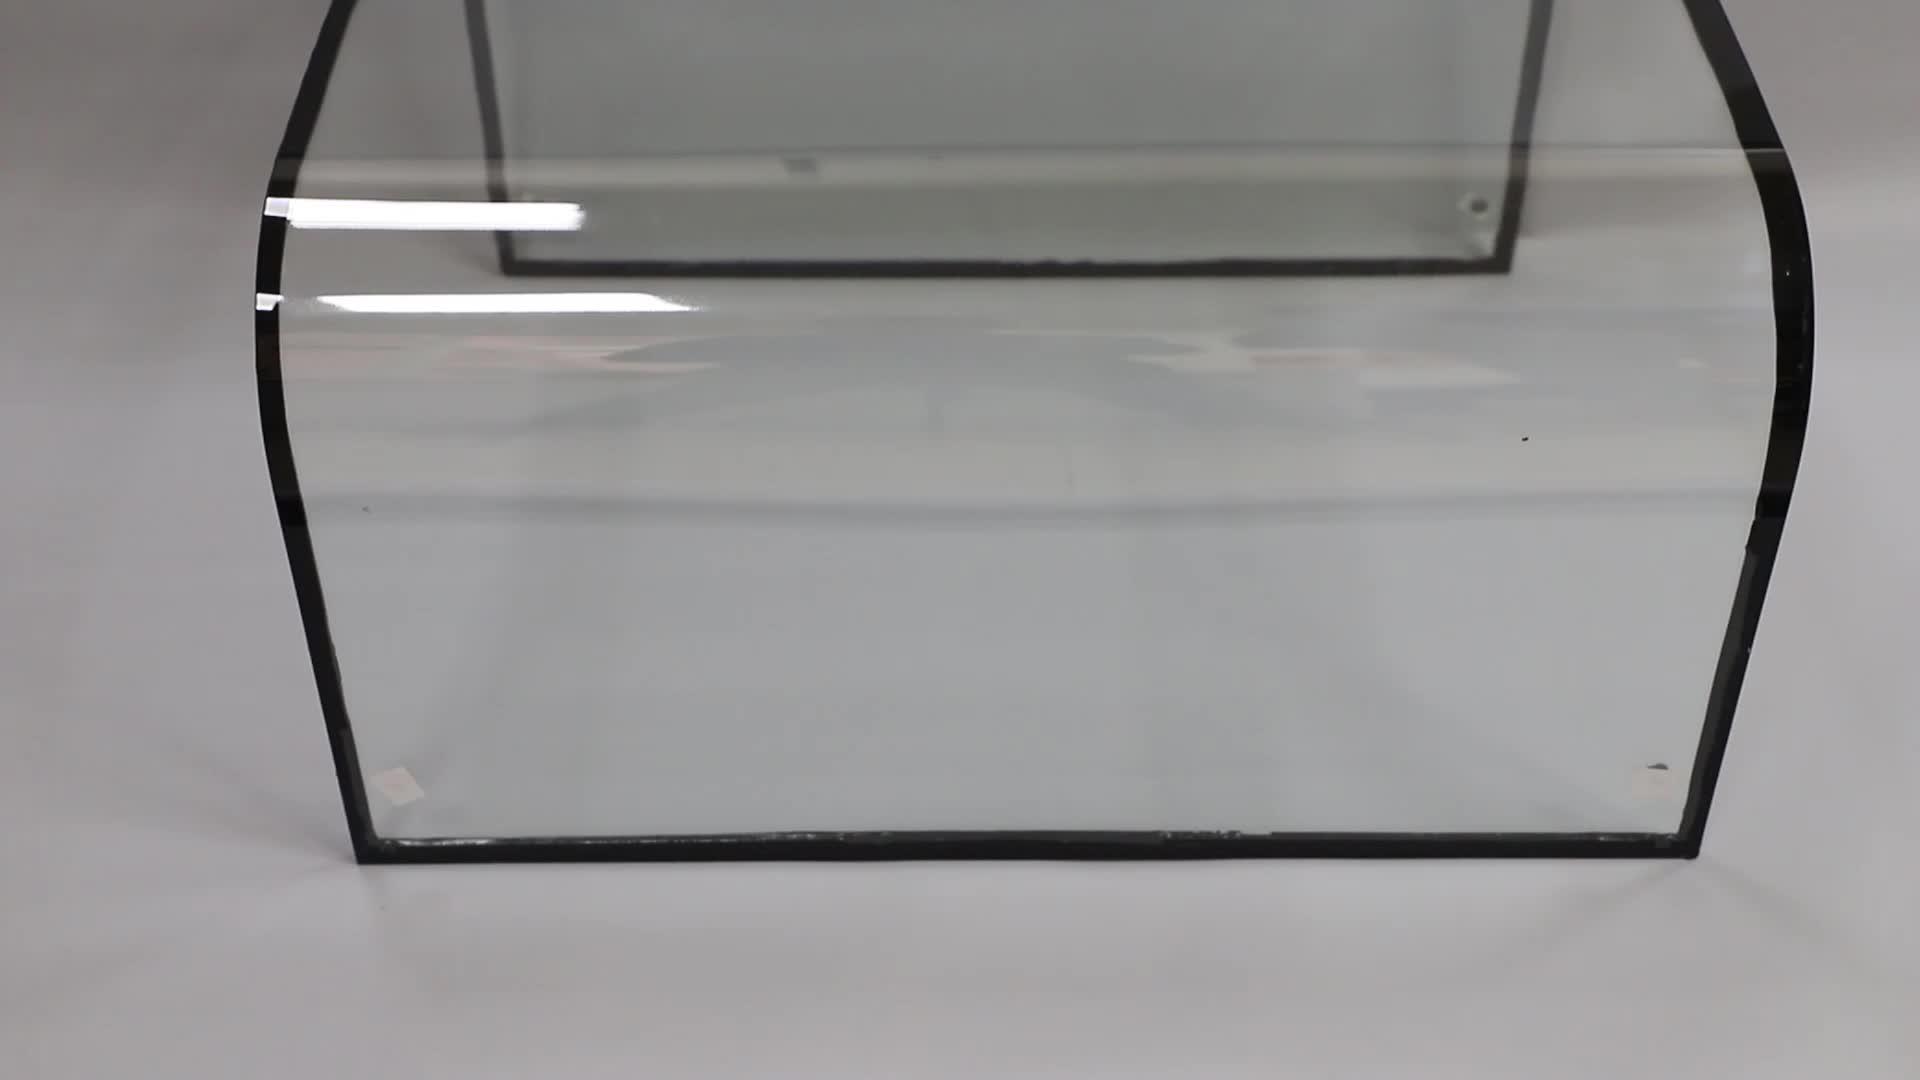 4 millimetri + 9A + 4 millimetri Personalizzato doppi vetri vetro Isolante/vetro isolante di Calore Assorbimento di costruzione Lastra di vetro per pannelli di facciata